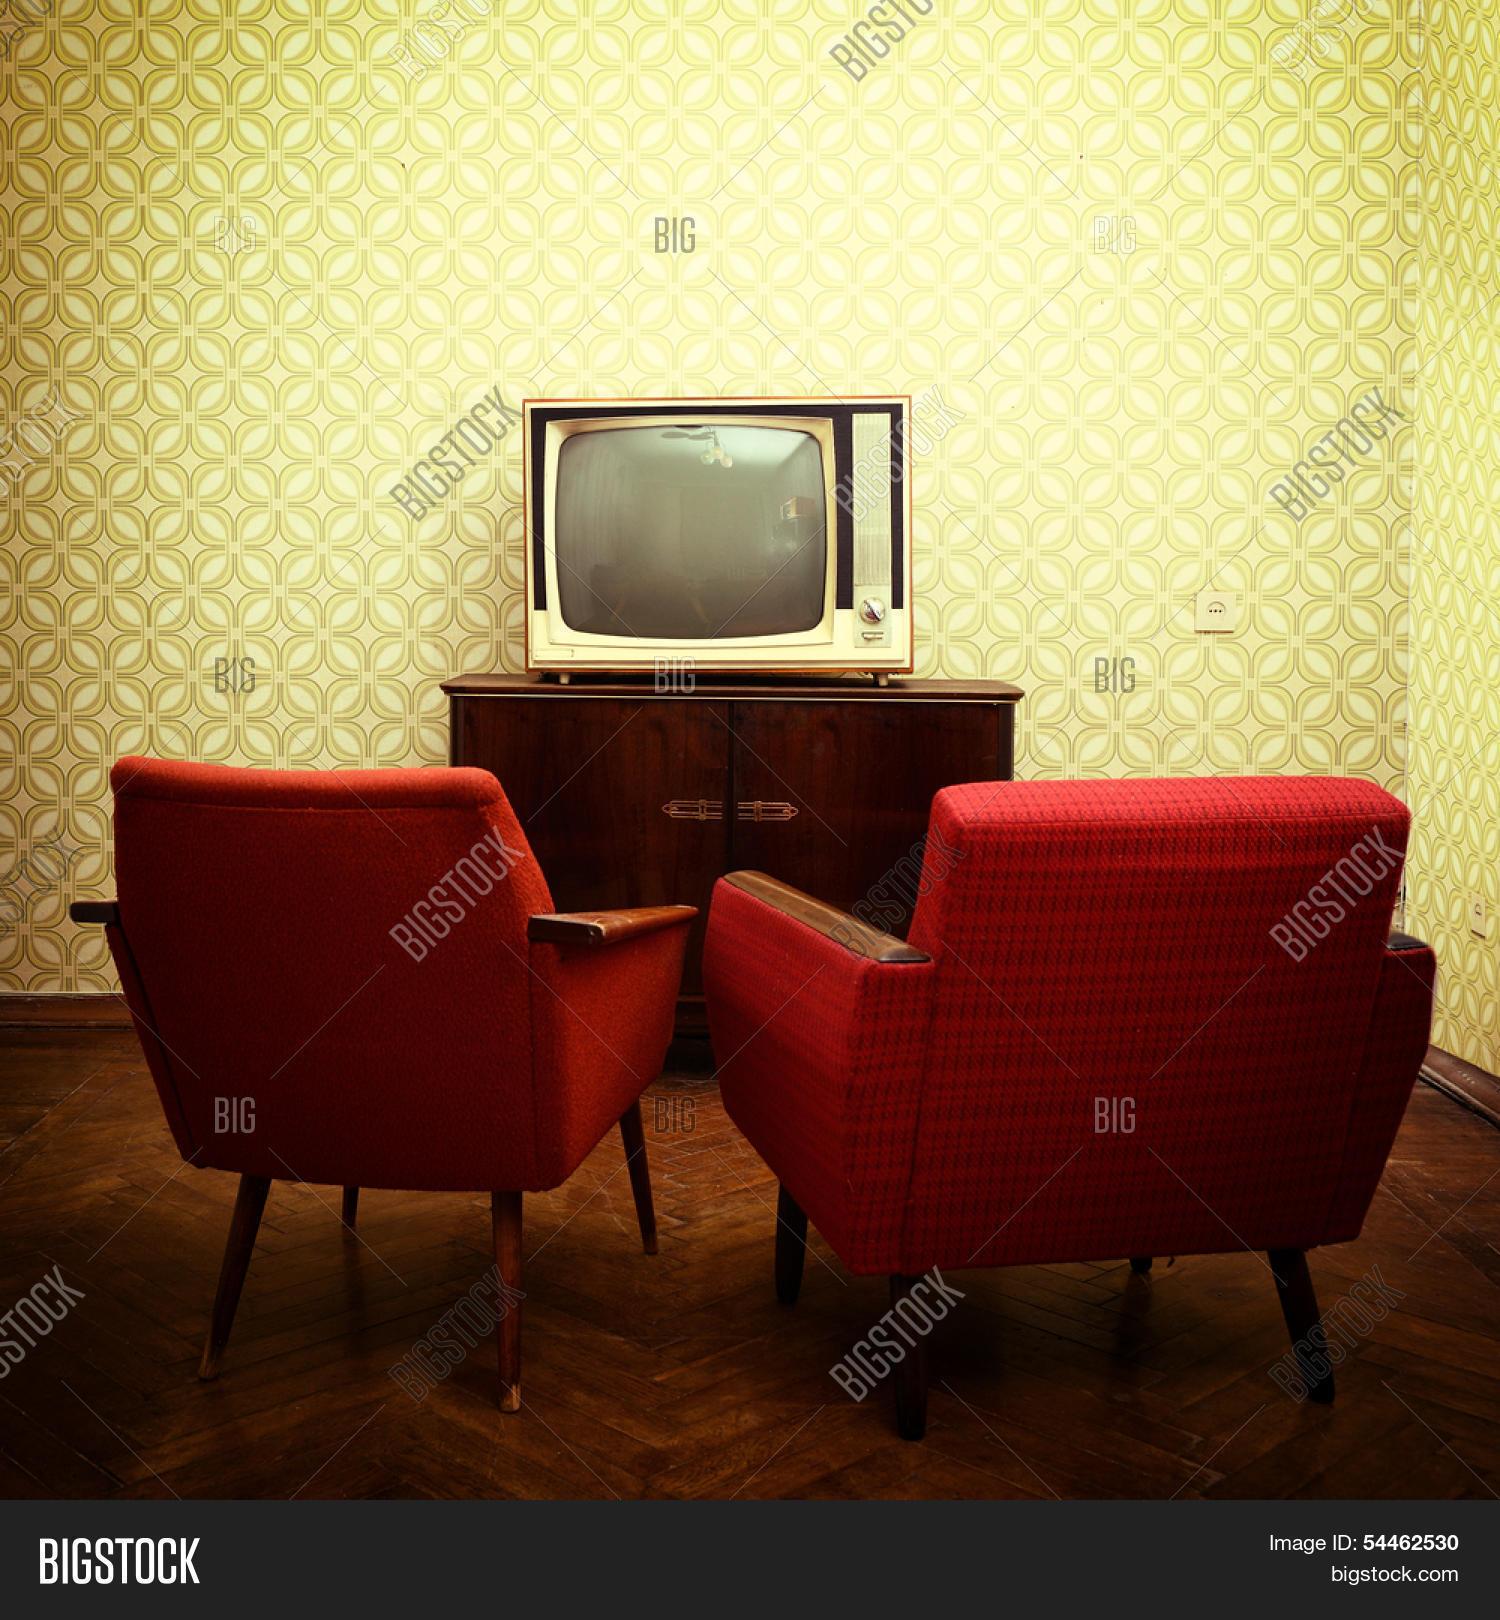 sala vintage con dos viejos sillones antigua y retro tv sobre fondos obsoletos entonado